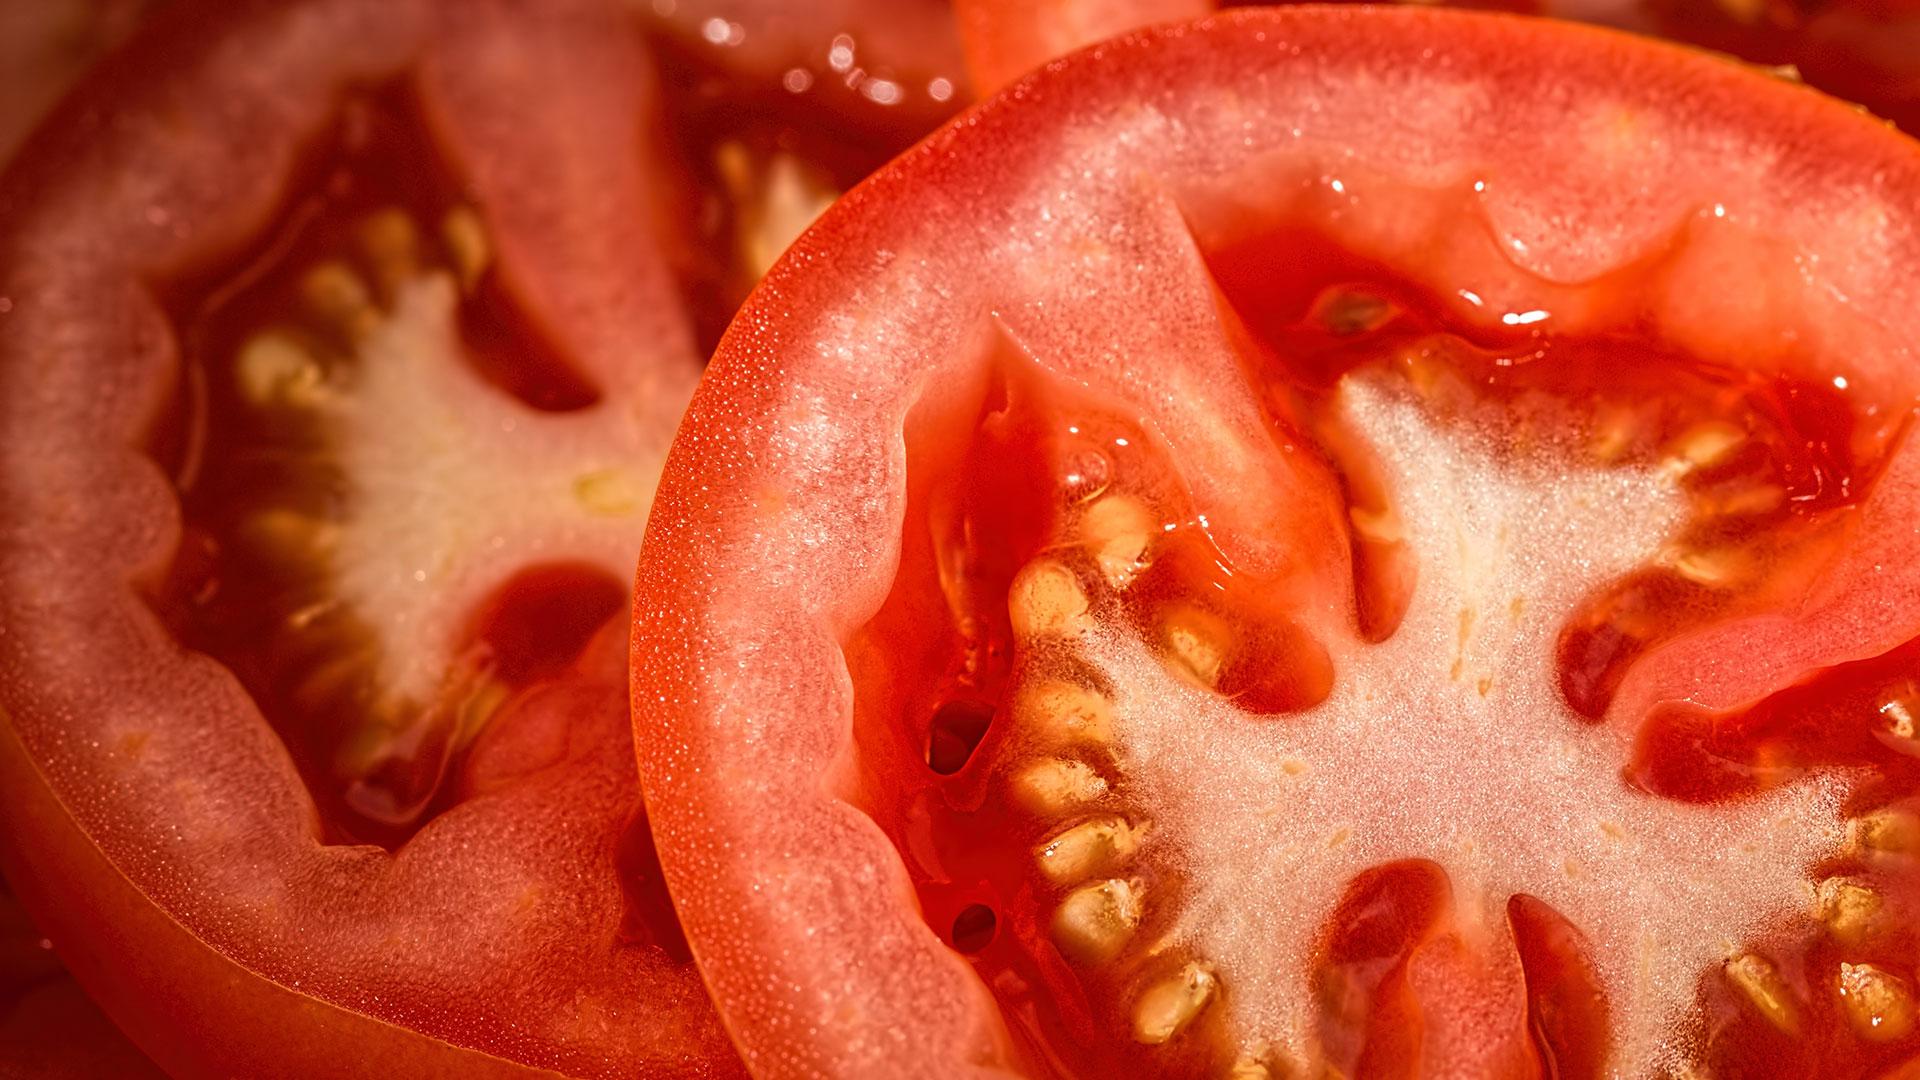 Article-Tomato-Paste-01